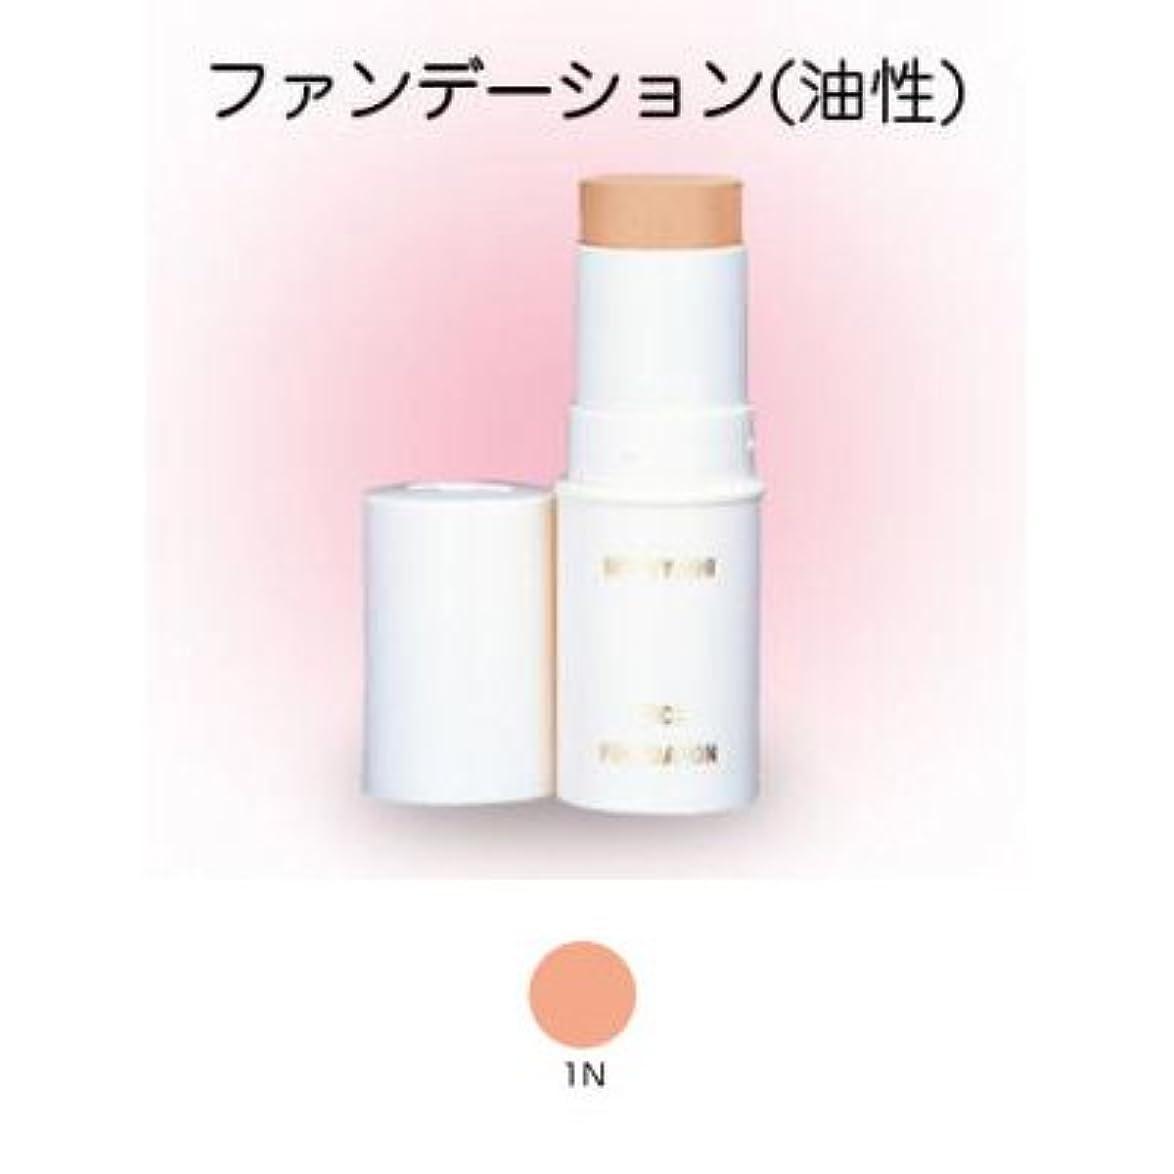 レガシー土器意図するスティックファンデーション 16g 1N 【三善】